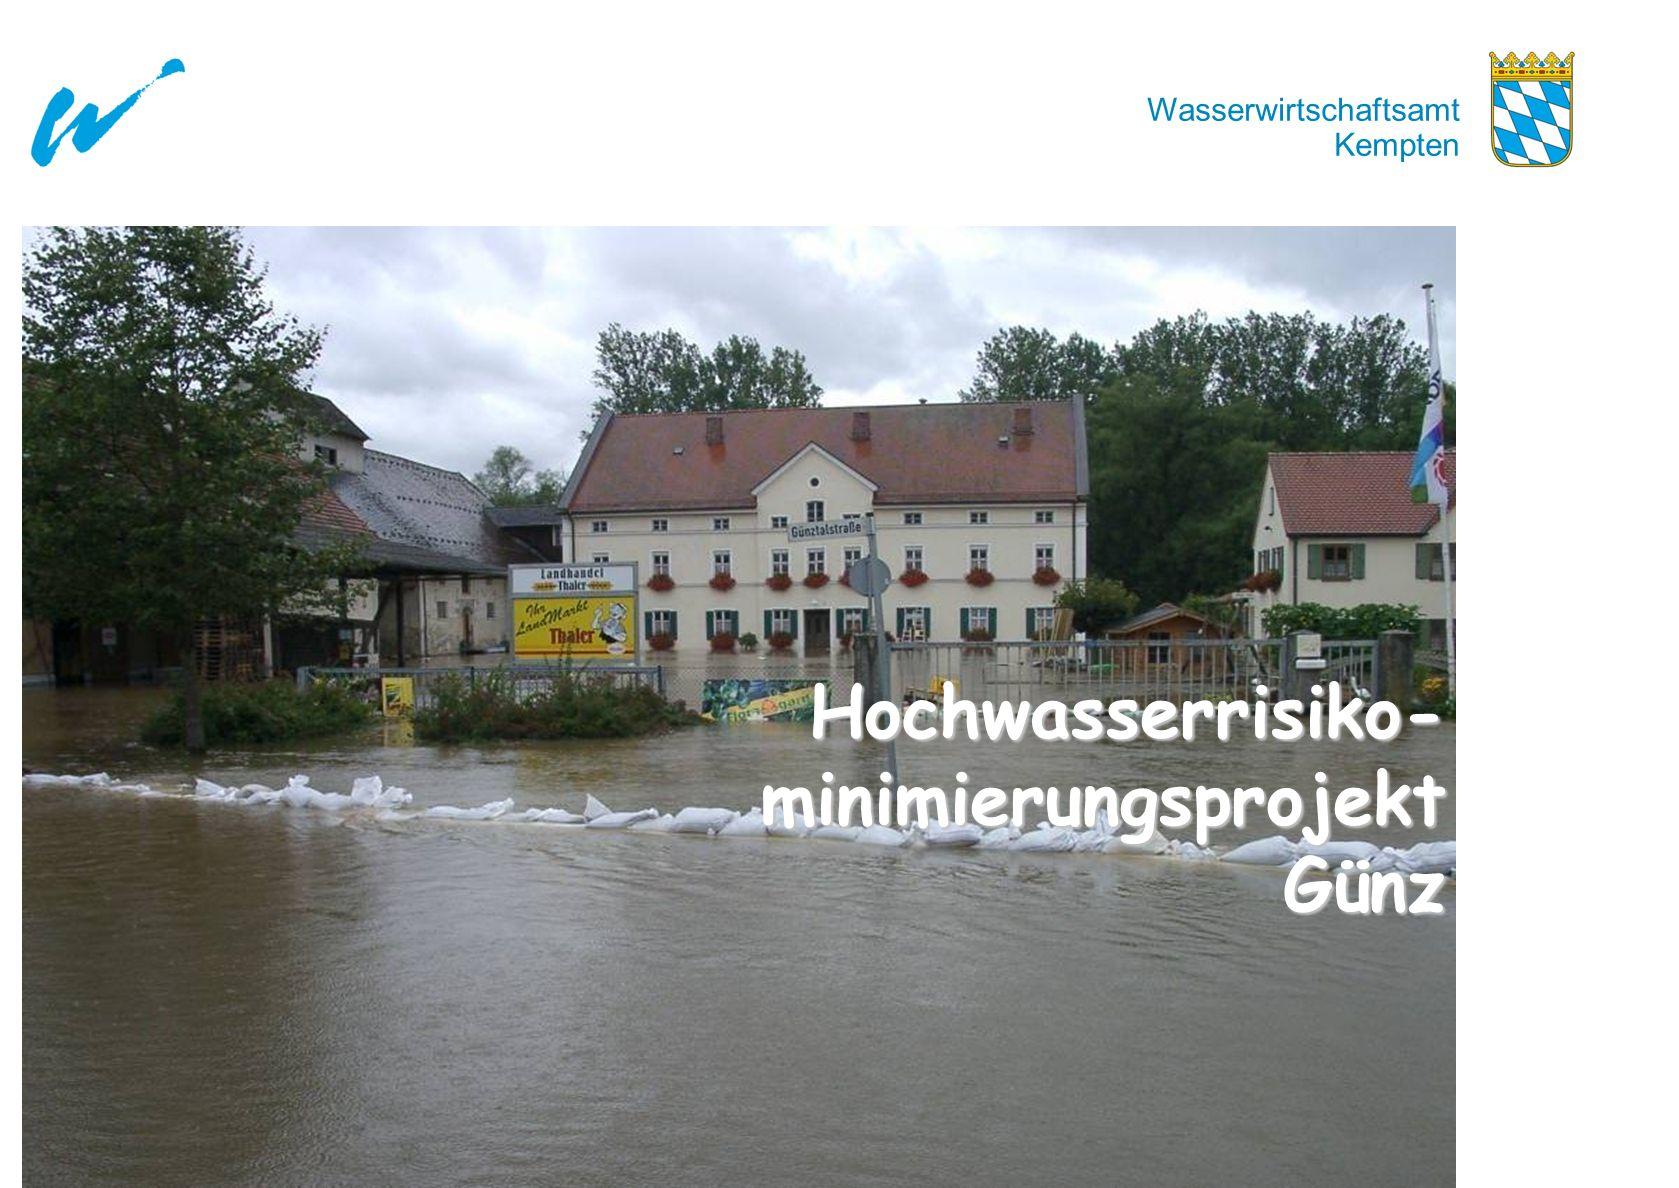 Hochwasserrisikominimierungsprojekt Günz Wasserwirtschaftsamt Kempten Projektziel Minimierung des vorhandenen HochwasserrisikosMinimierung des vorhandenen Hochwasserrisikos Verdichtung der Erkenntnisse über die GefahrensituationVerdichtung der Erkenntnisse über die Gefahrensituation